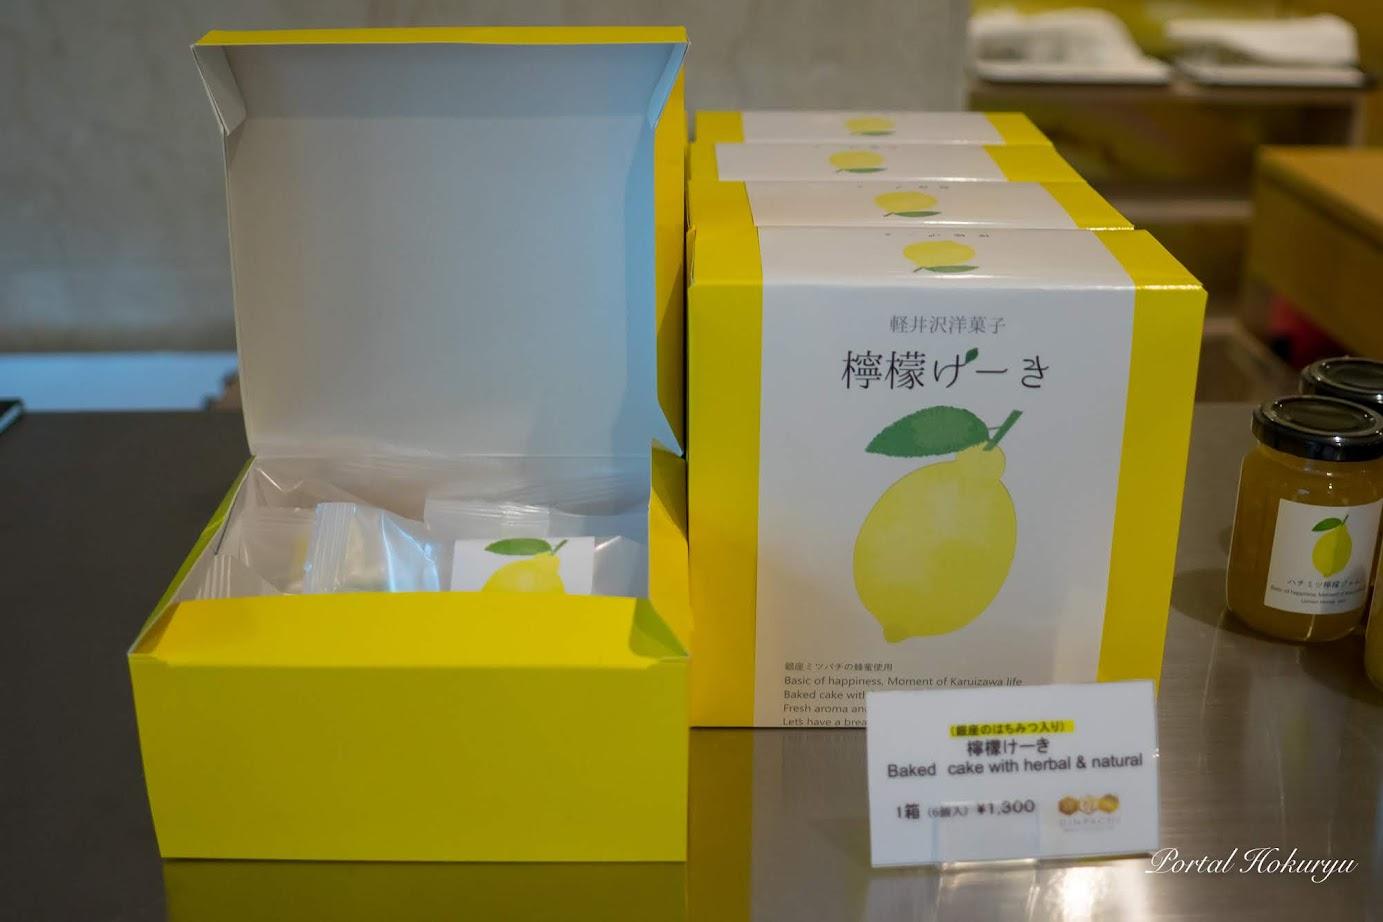 銀座のはちみつ入り「檸檬(レモン)ケーキ」